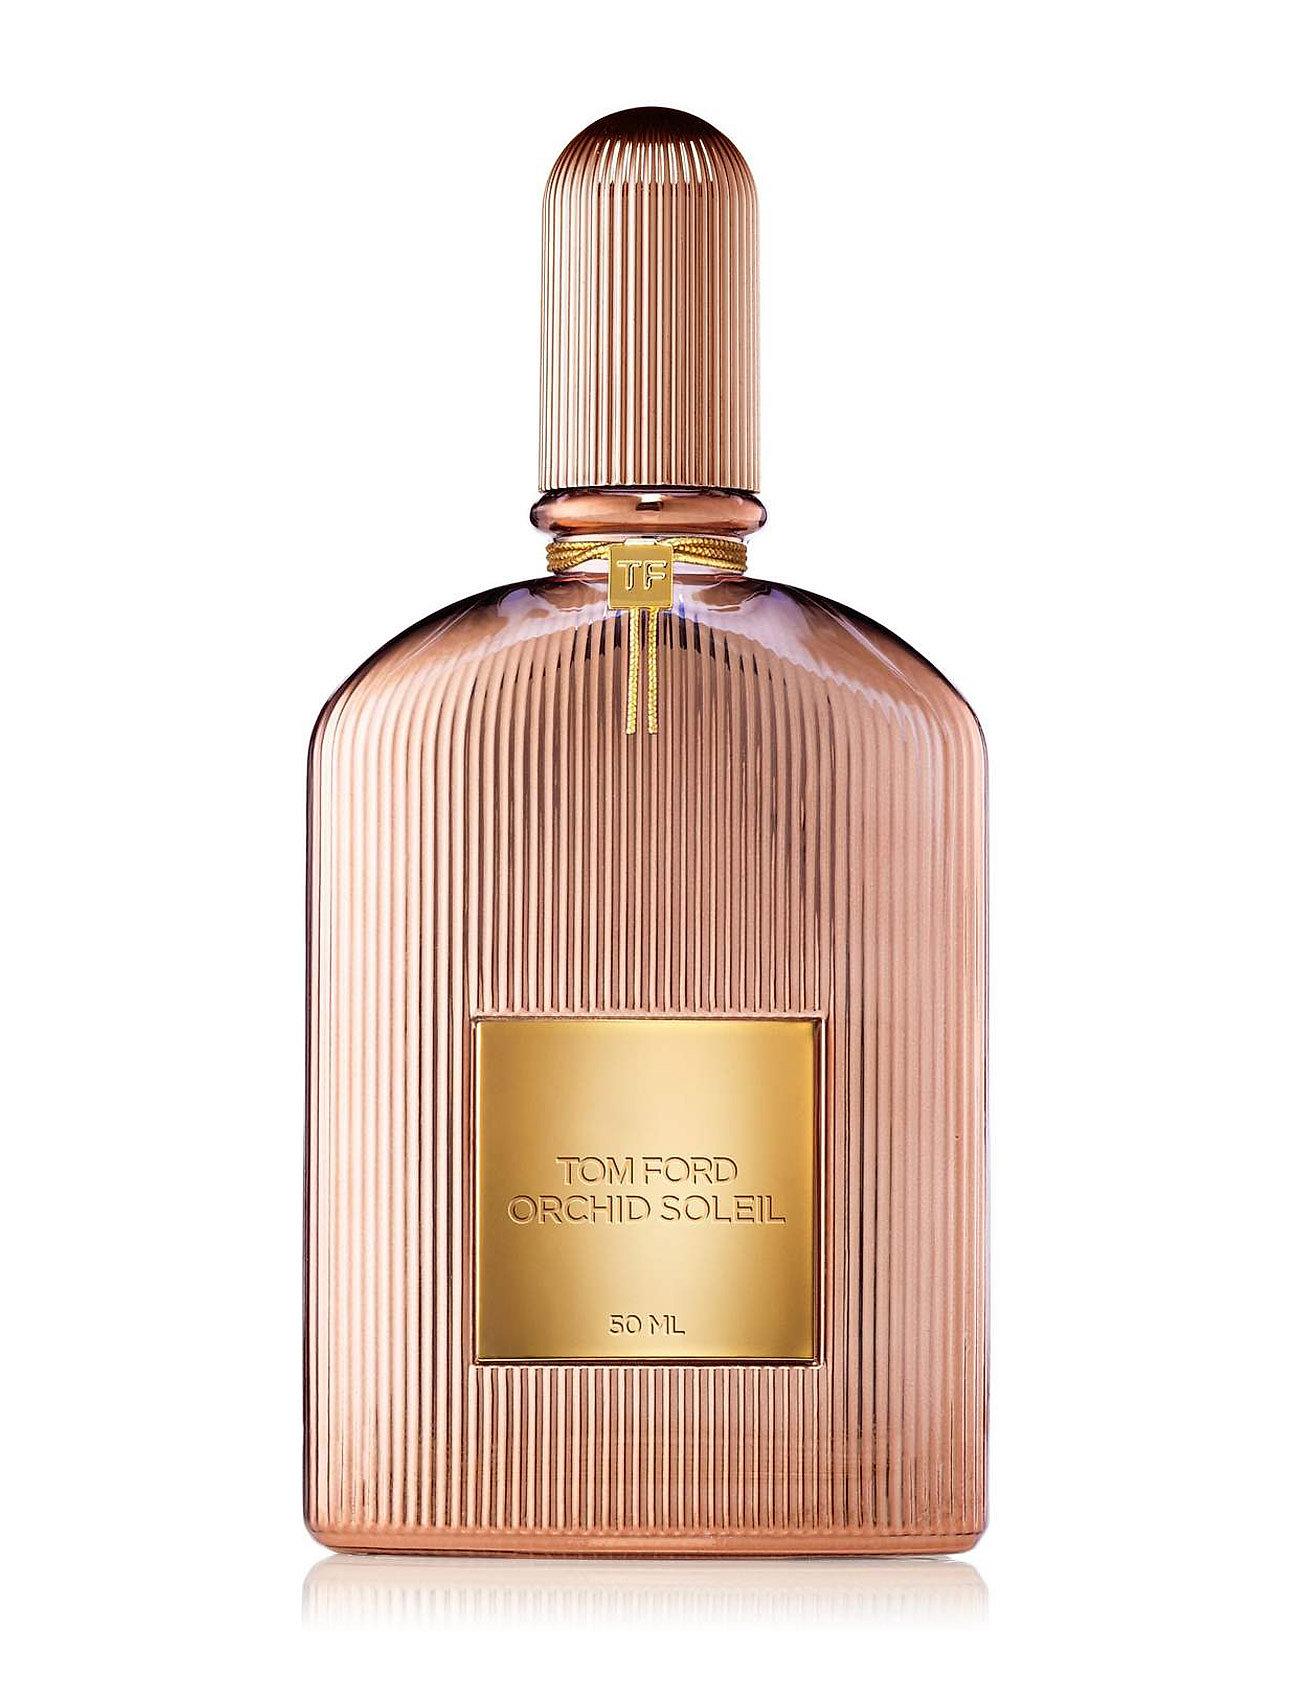 tom ford – Orchid soleil eau de parfum fra boozt.com dk